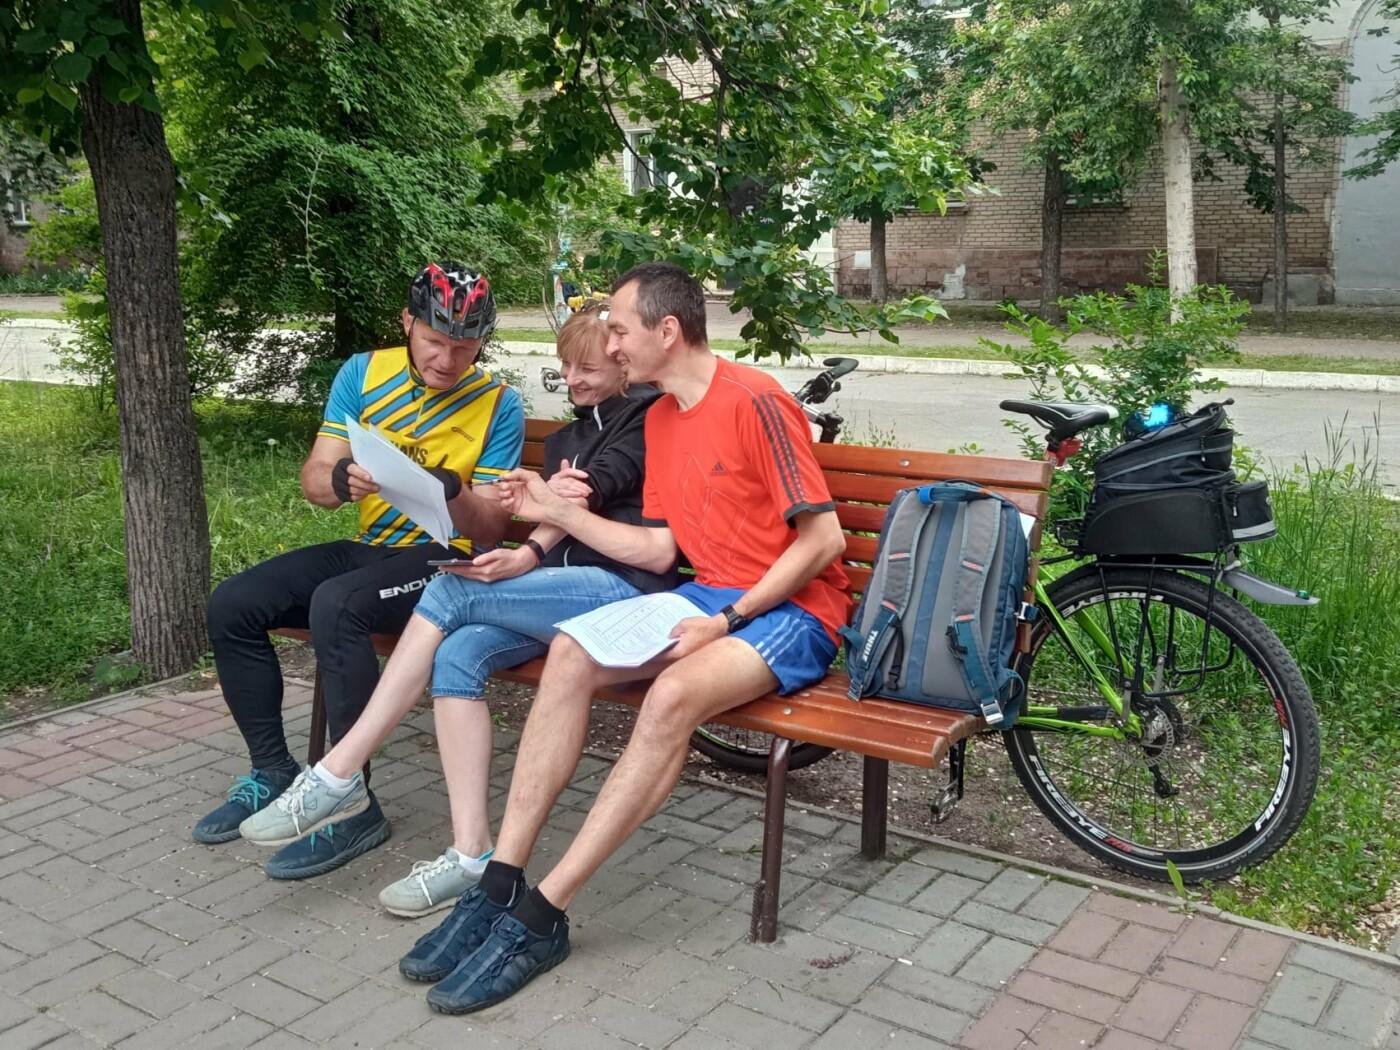 """В Северодонецке прошел велоквест """"Я знаю свой город"""", фото-1"""